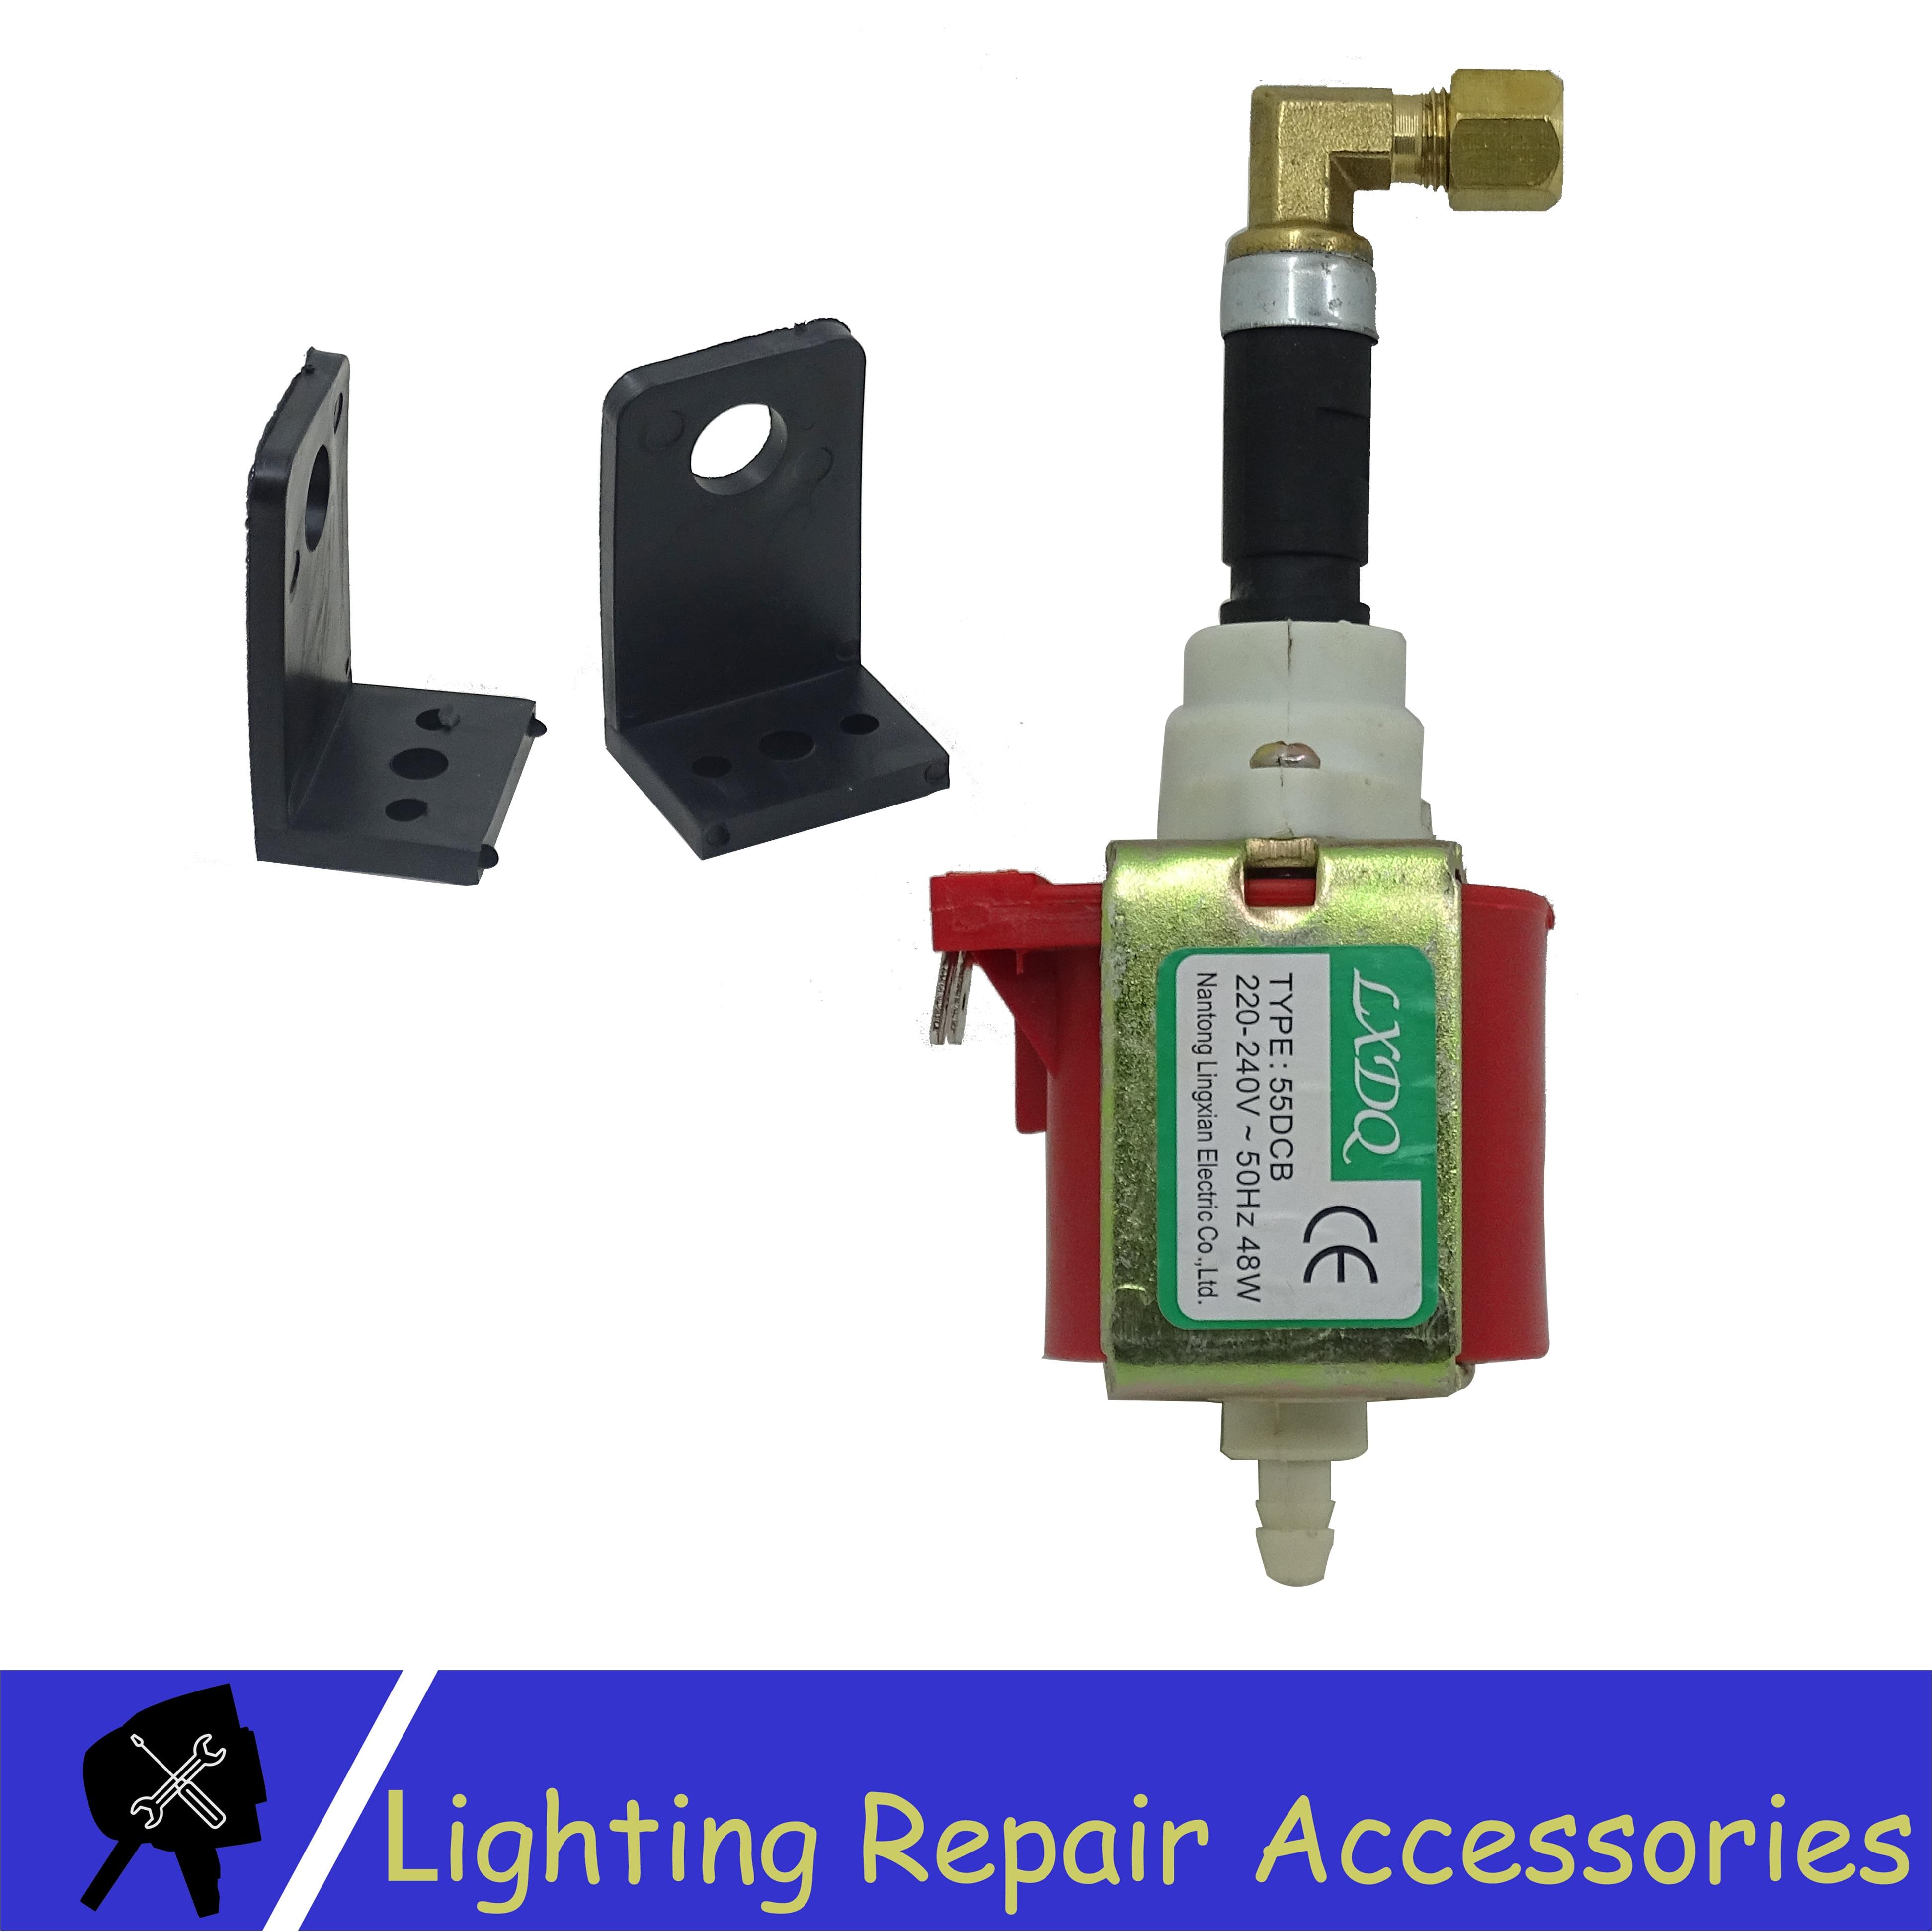 55DCB 48W Oil Pump Power Pump 110V Or 220V Used For 2000w 3000W Smoke Fog Machine Accessories - Pump